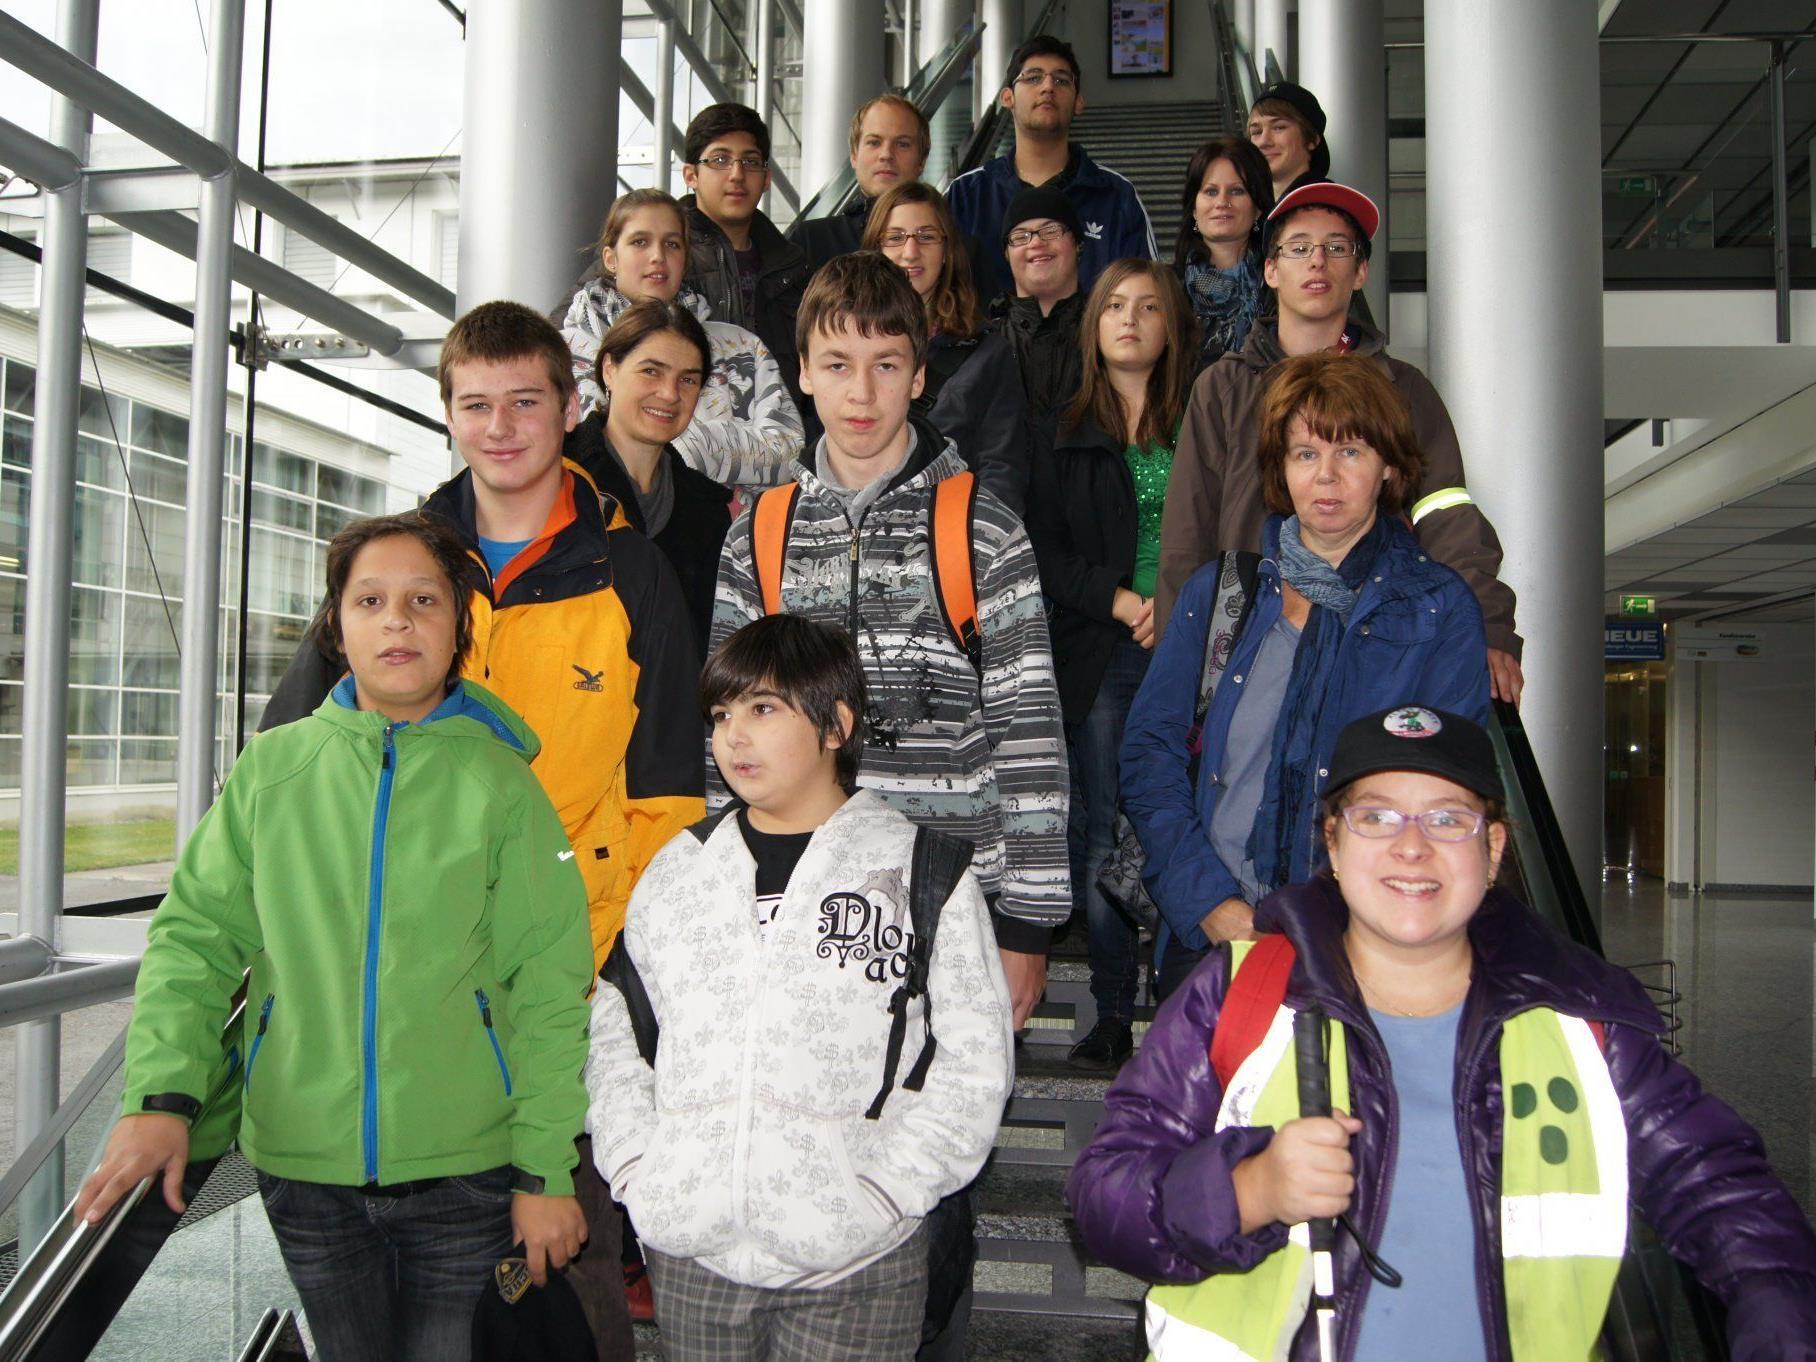 Die Schülerinnen und Schüler des SPZ mit ihren Lehrern im Medienhaus.